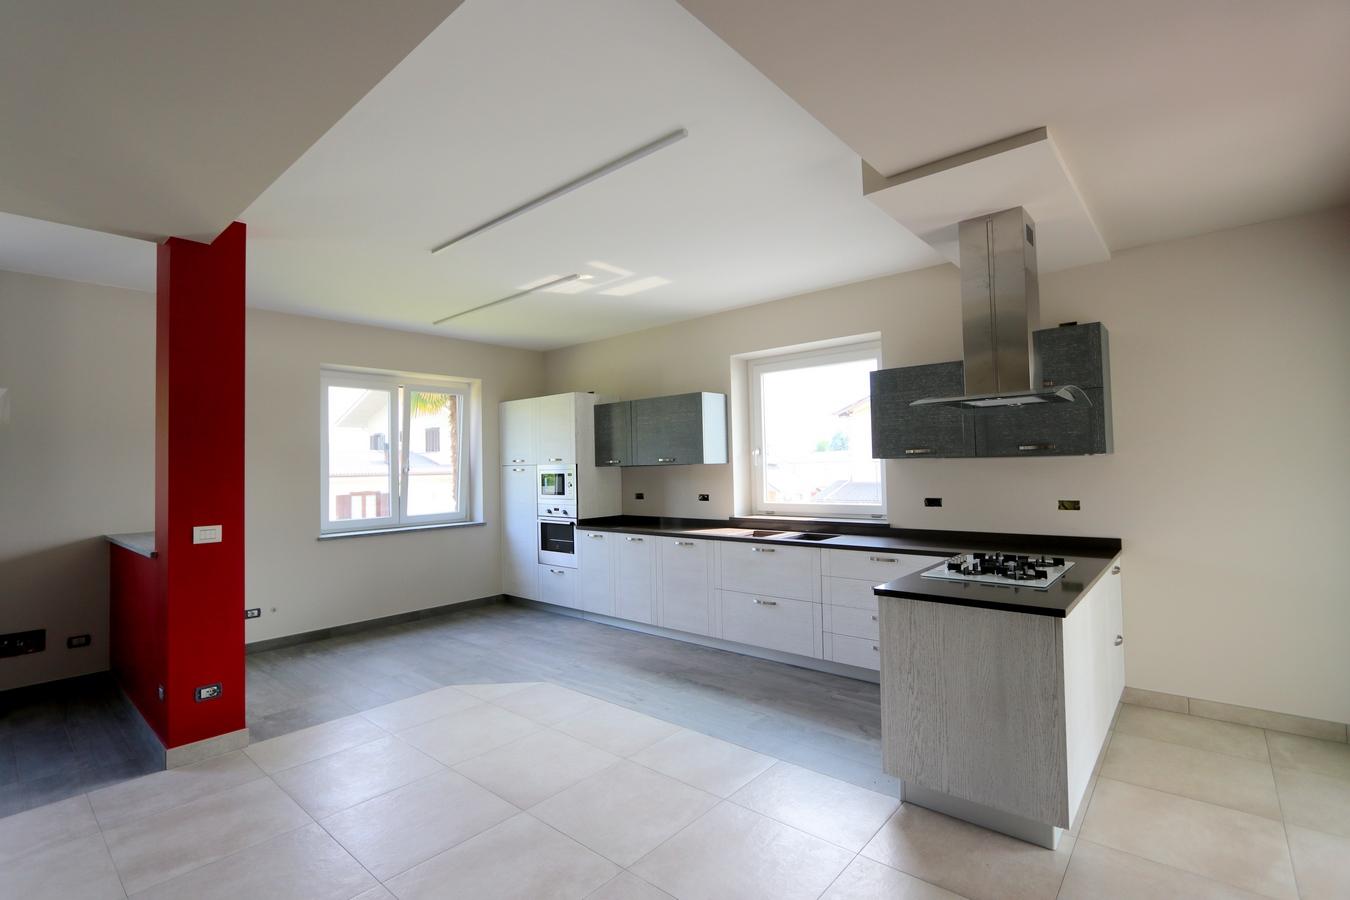 Cucina con lavelli sotto finestra 70 – Racca gli ebanisti